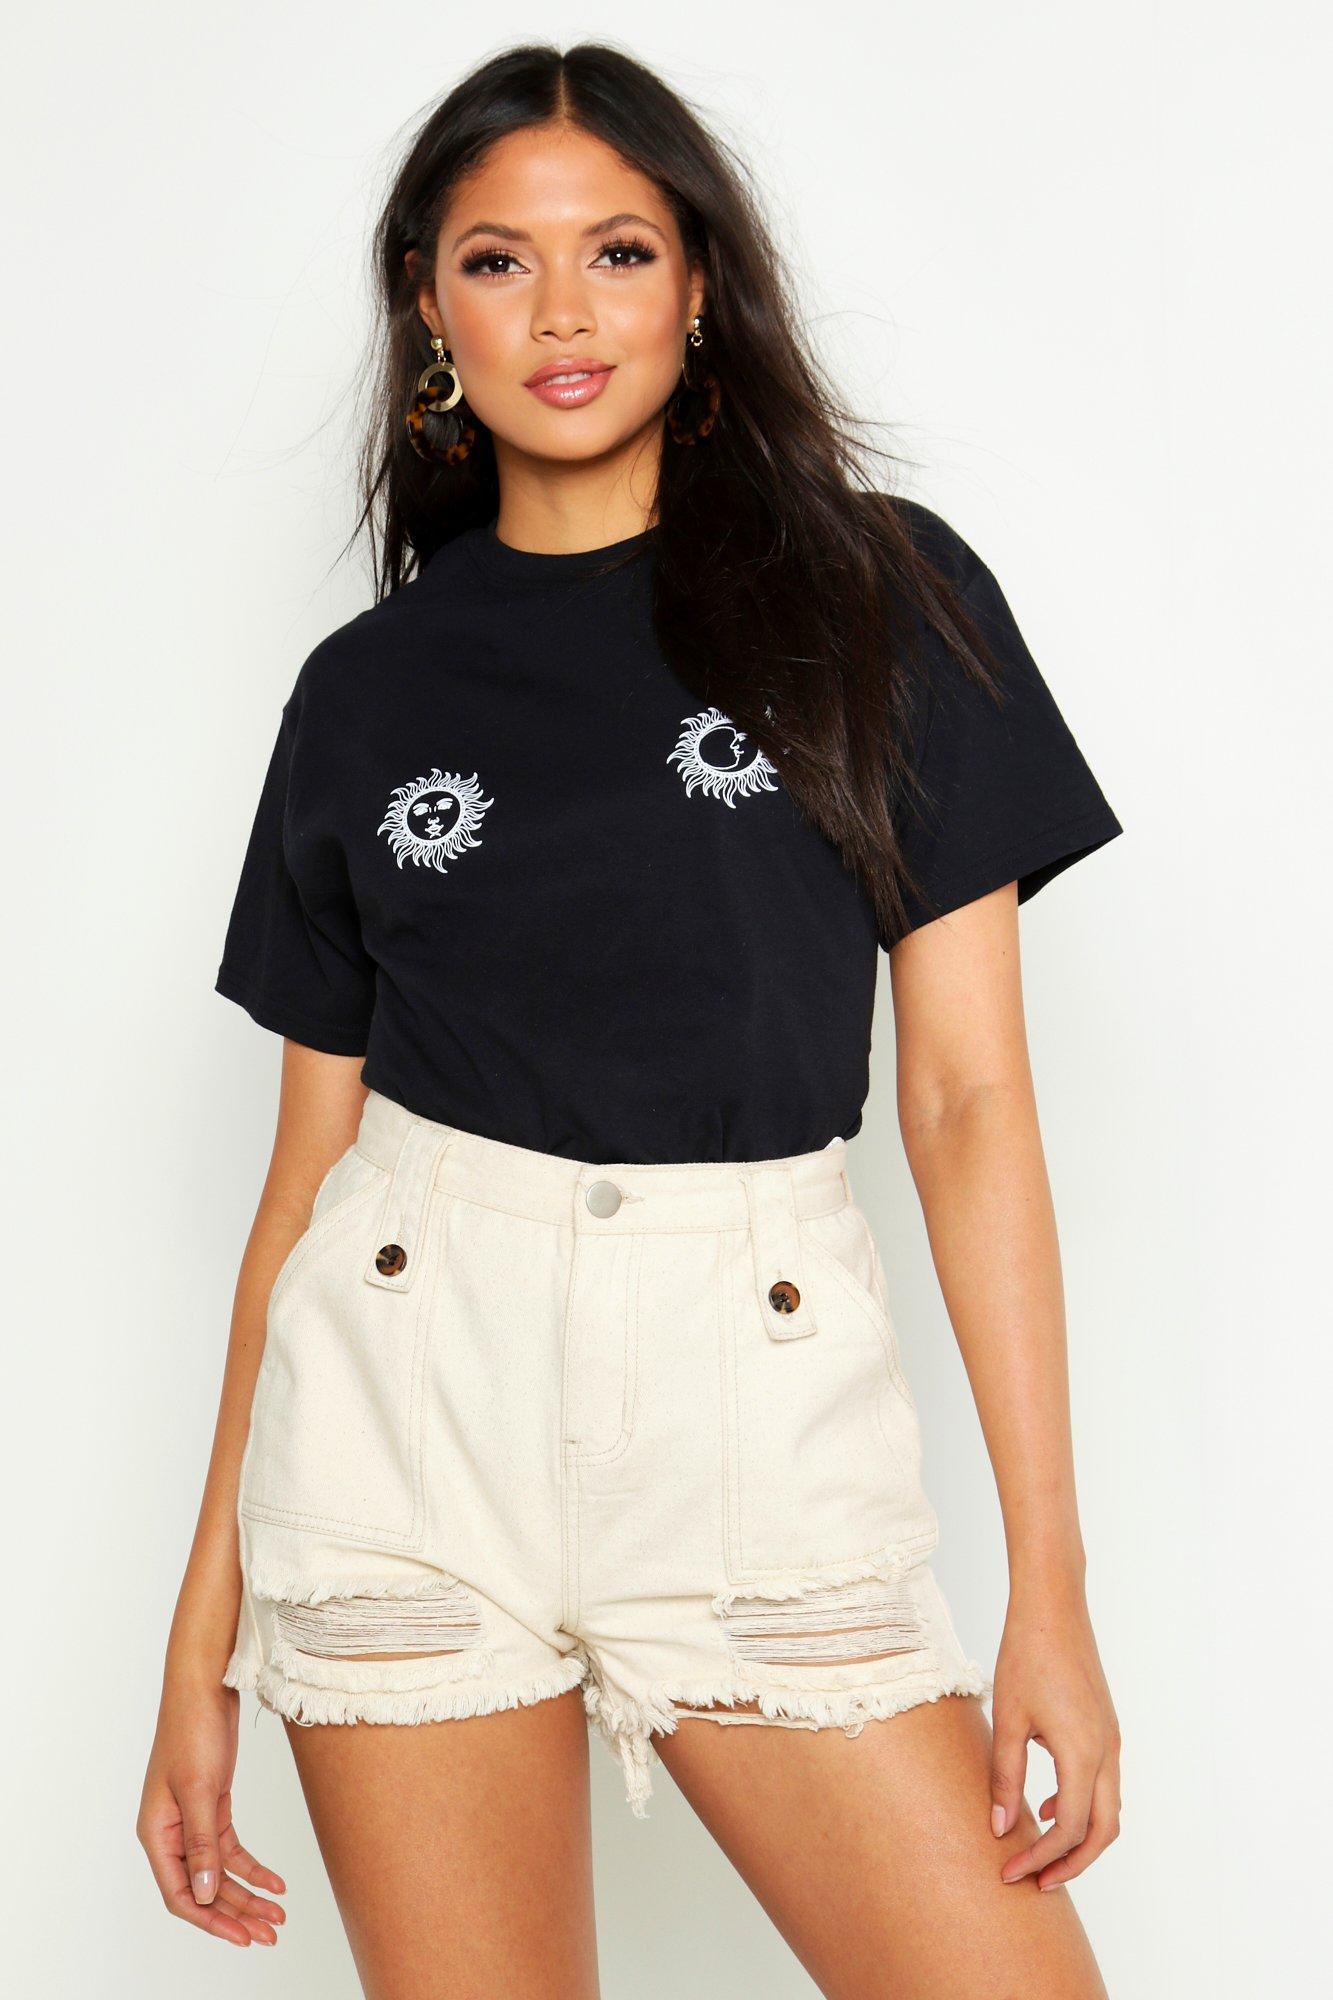 Womens Tall Placement T-Shirt mit Sonne- und Mond auf Horoskop - schwarz - S, Schwarz - Boohoo.com